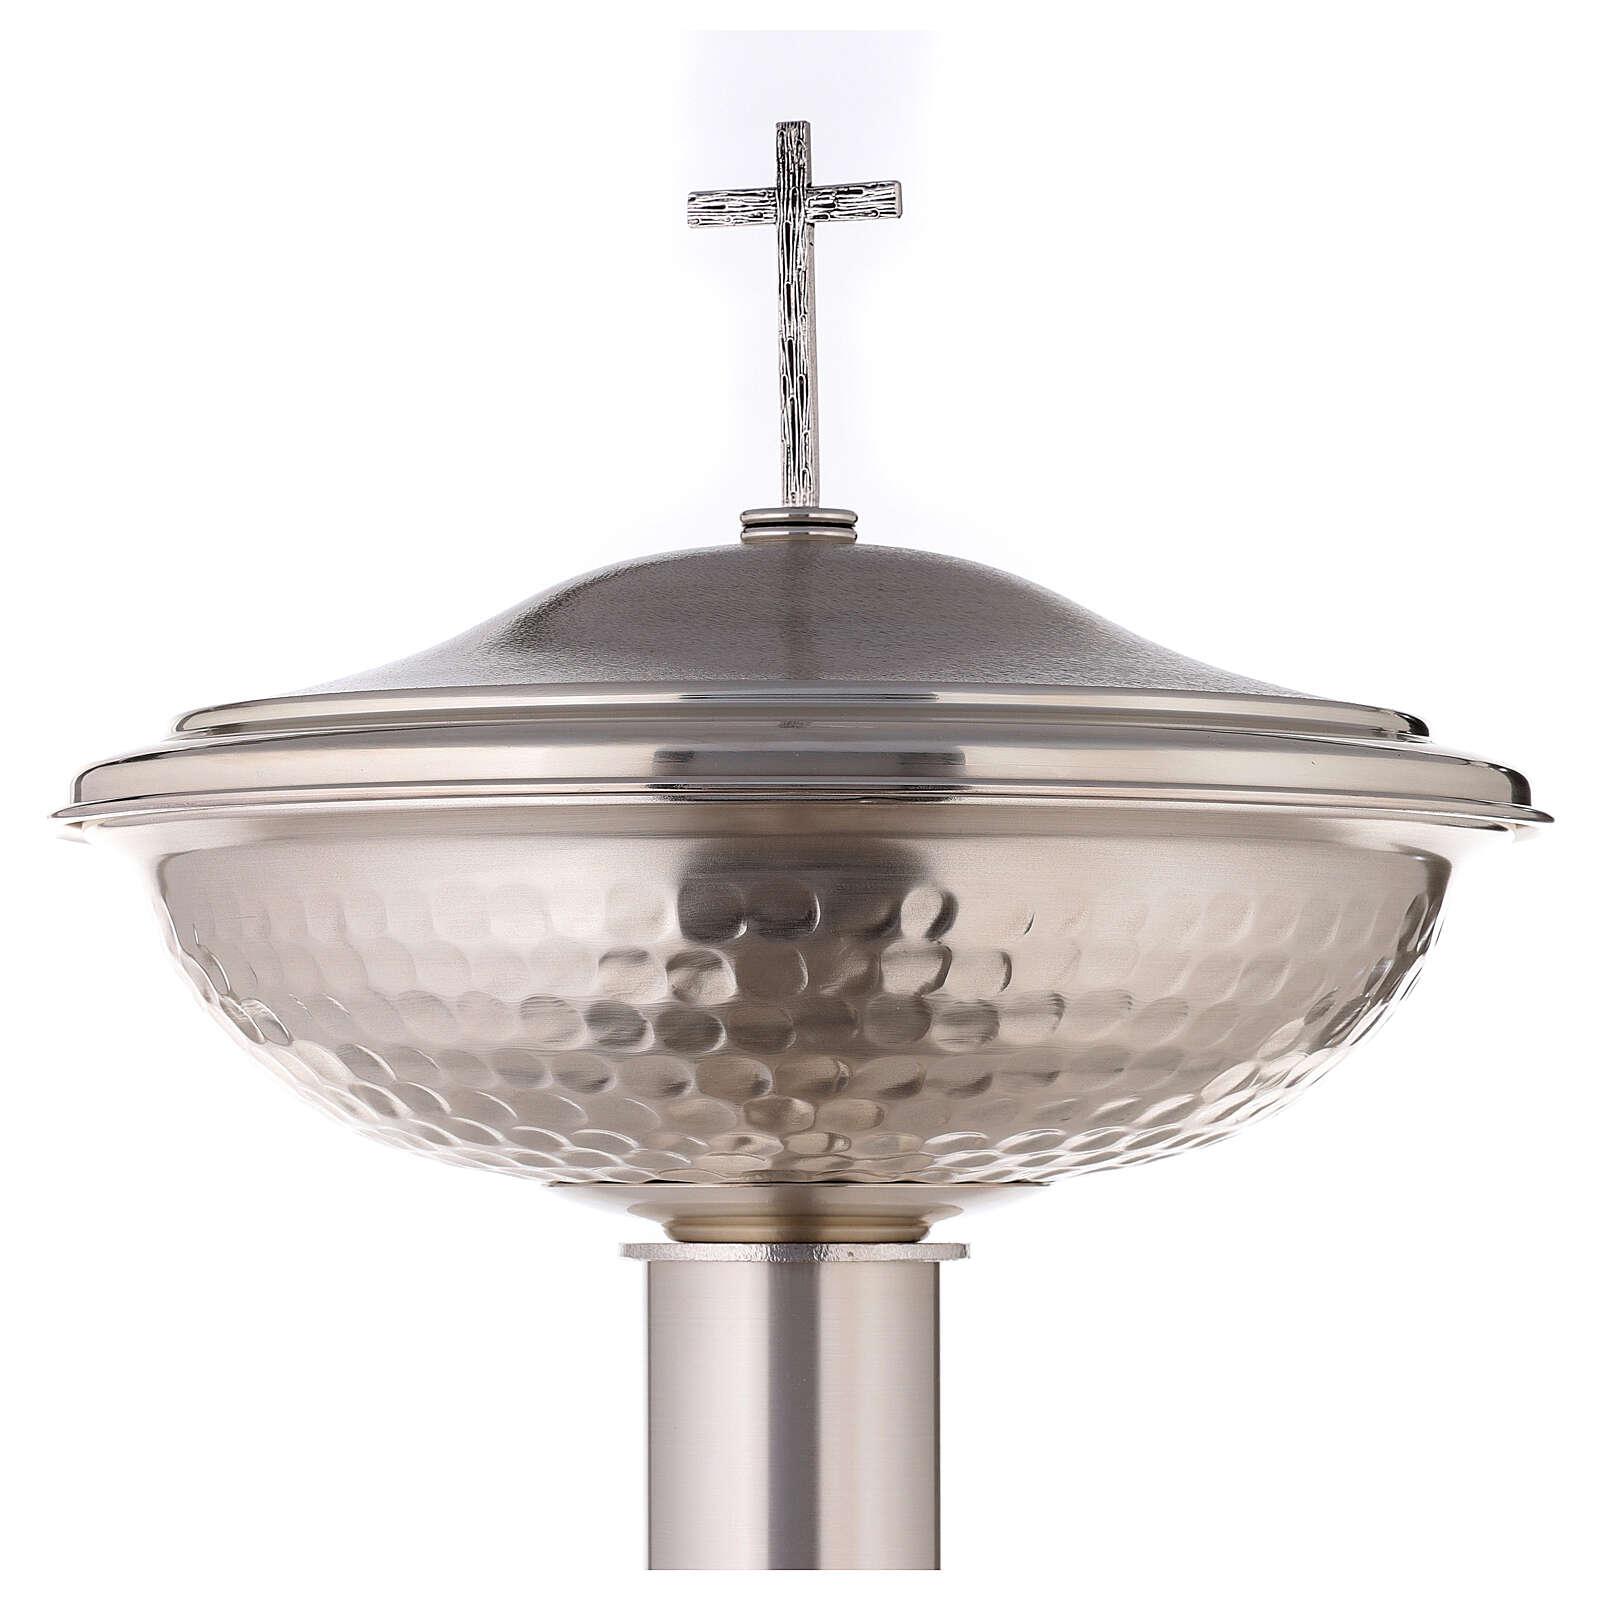 Fuente bautismal de bronce plateado martillado 4